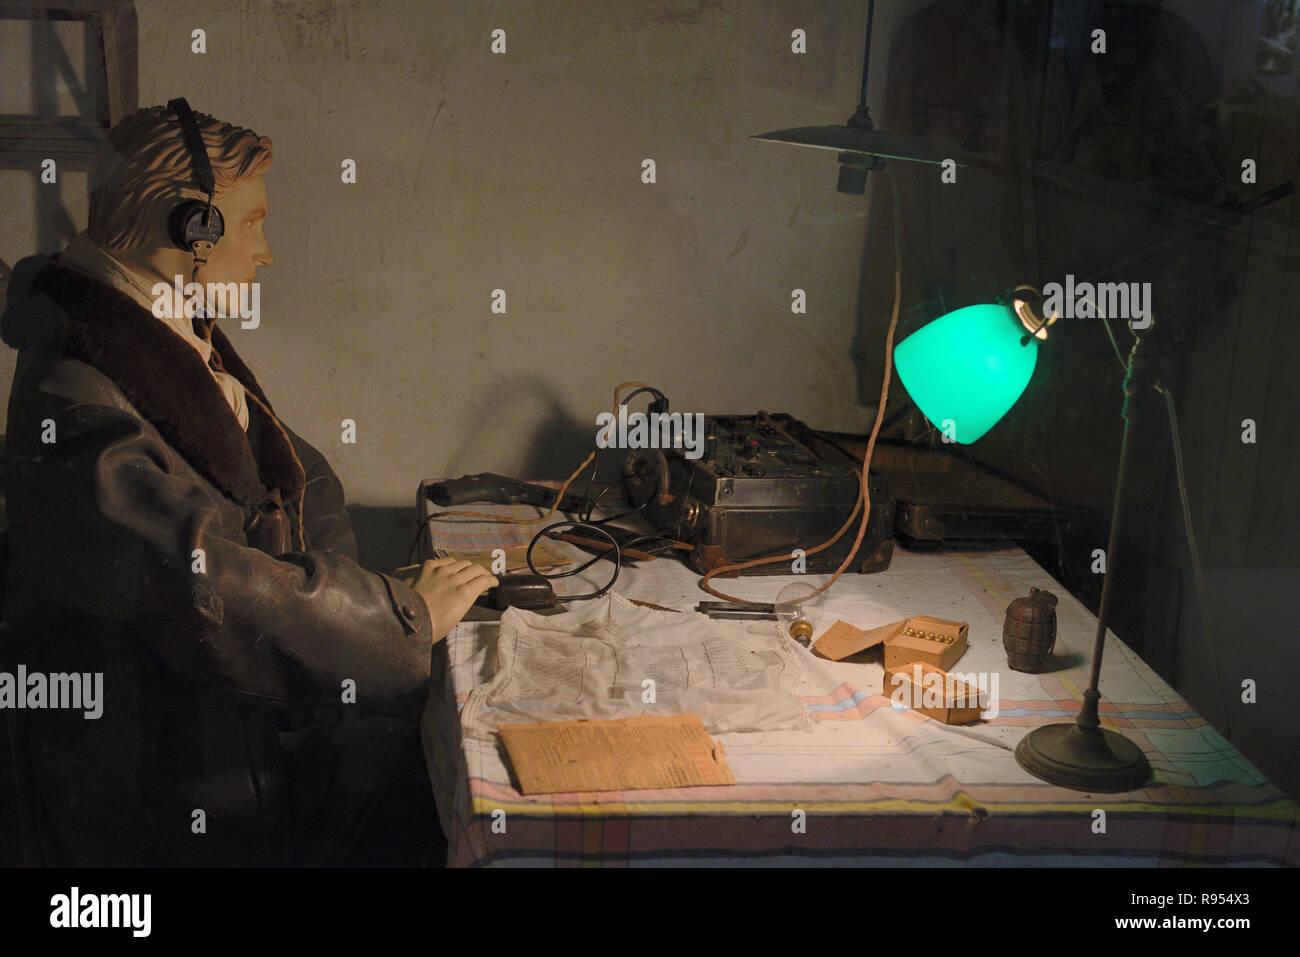 Ascolto militare Post o operatore Radio la ricostruzione nel Musée de la occhiello Castellane Provenza Francia Immagini Stock